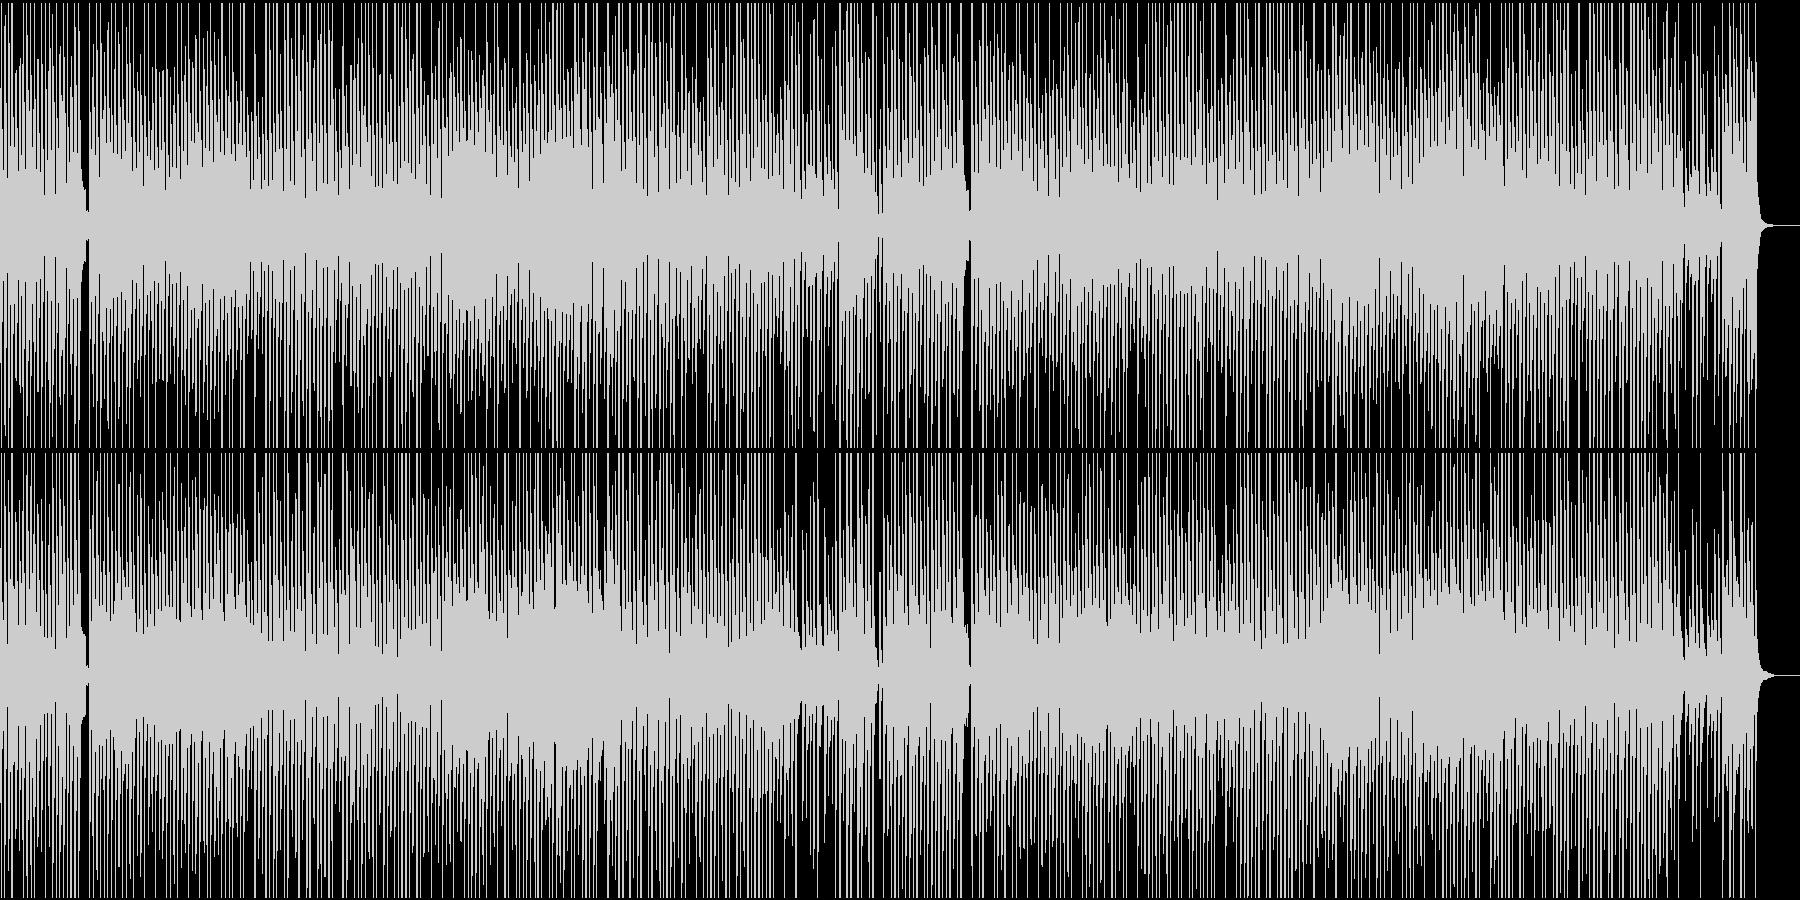 琴他が奏でるほのぼのワルツの未再生の波形